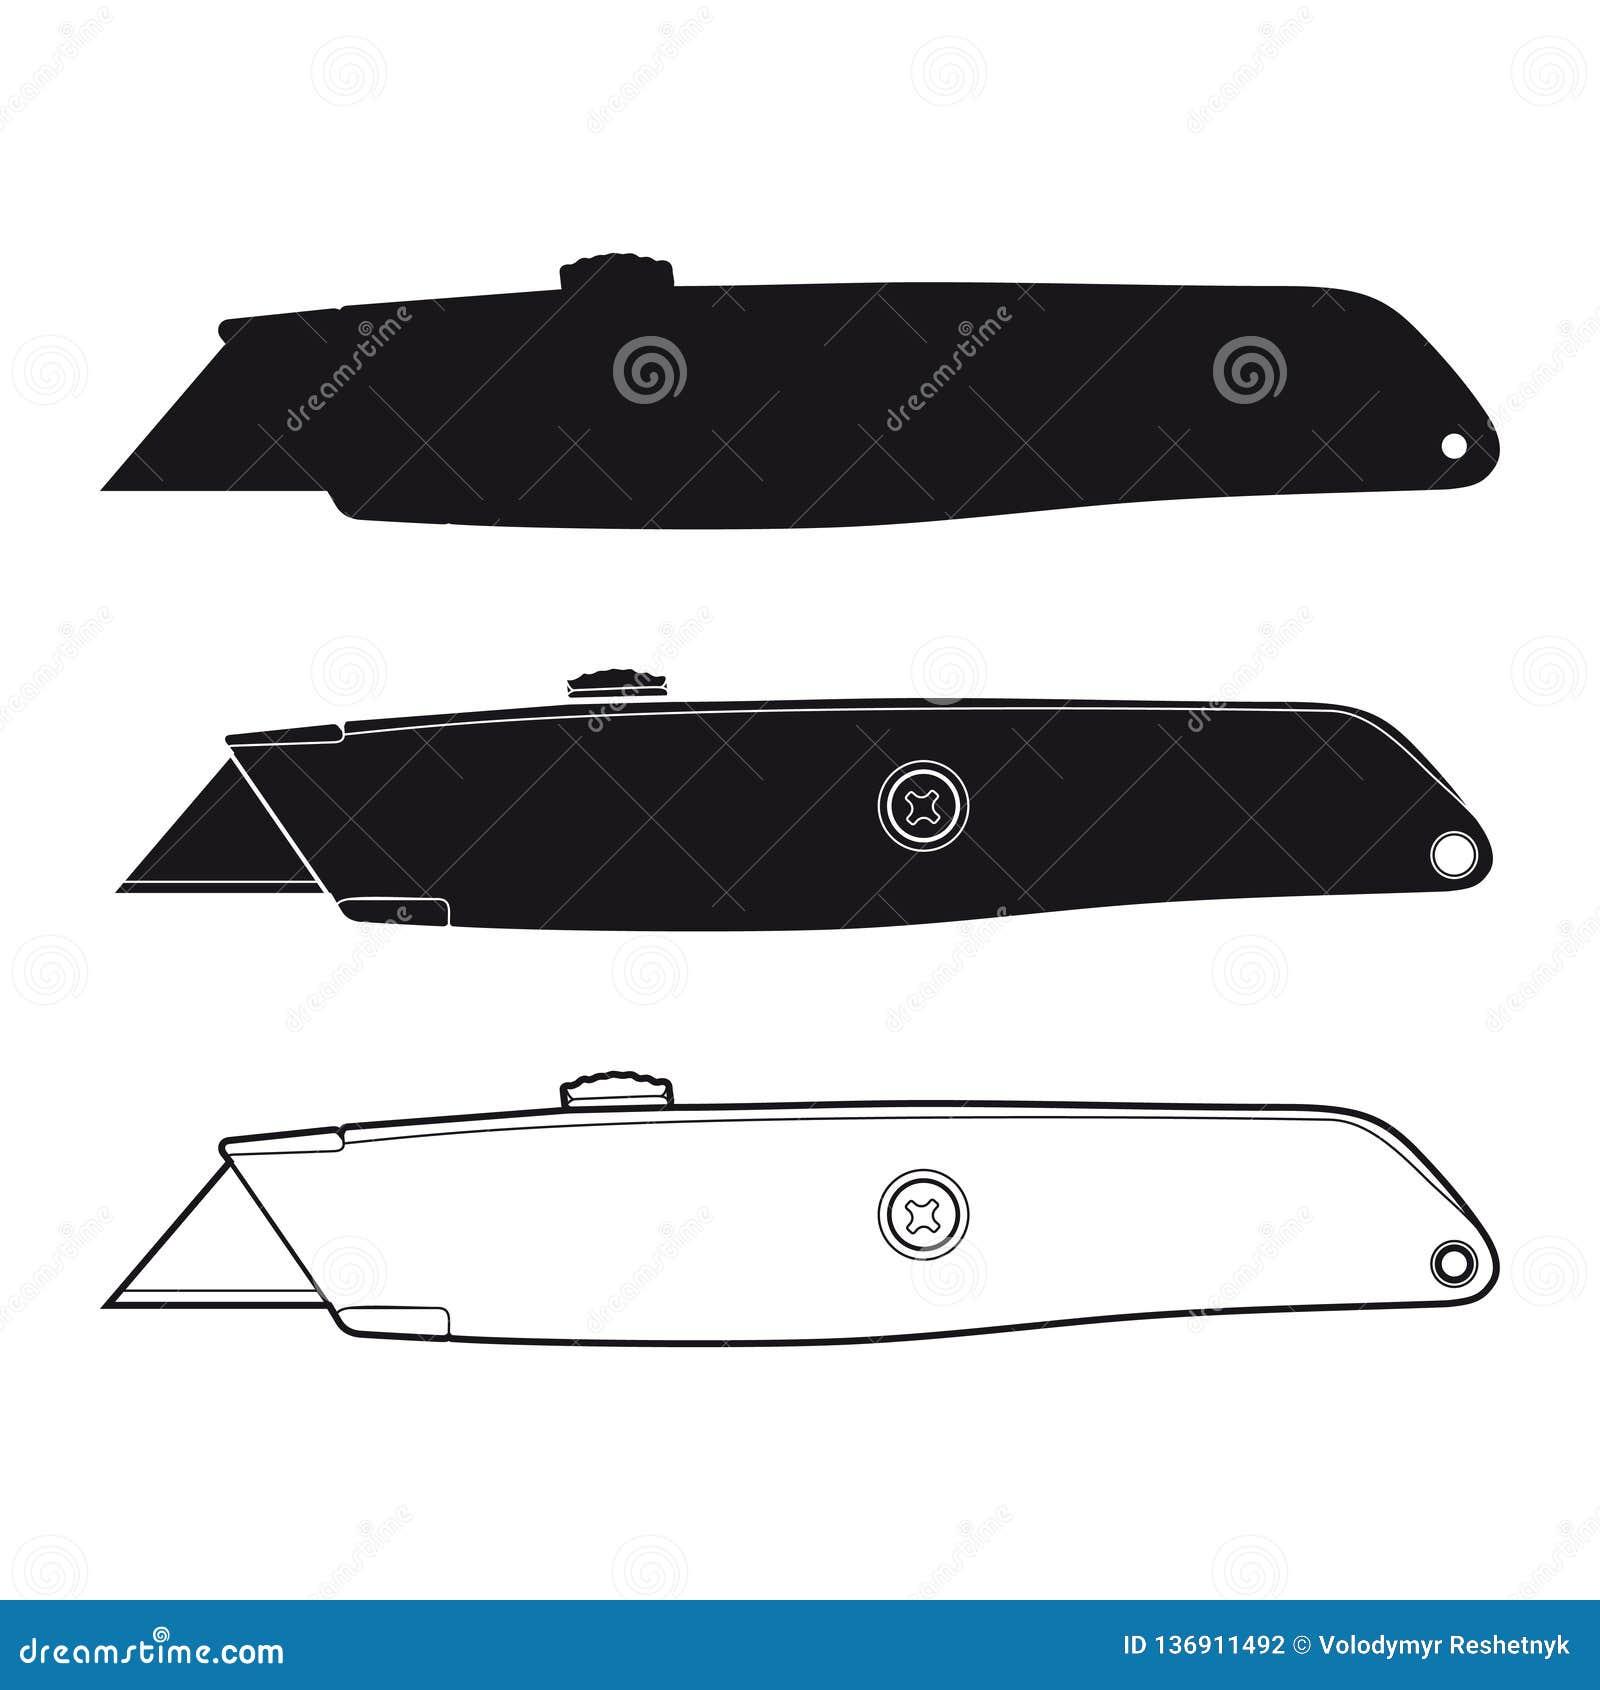 Ολίσθηση εικονιδίων μαχαιριών χρησιμότητας στο άσπρο υπόβαθρο